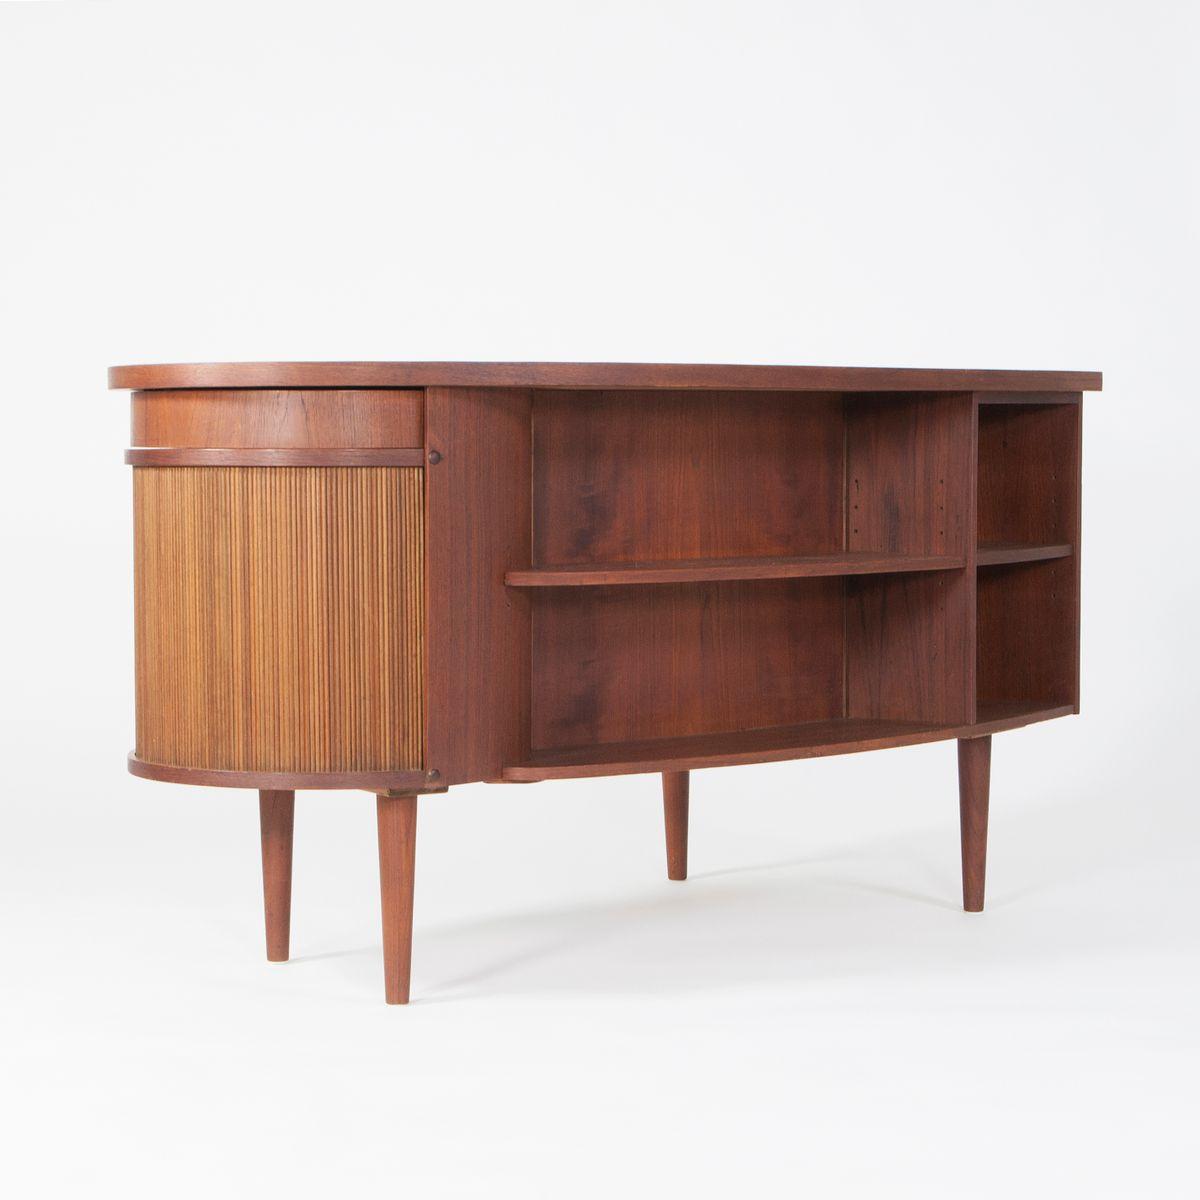 d nischer teak schreibtisch von kai kristiansen f r. Black Bedroom Furniture Sets. Home Design Ideas